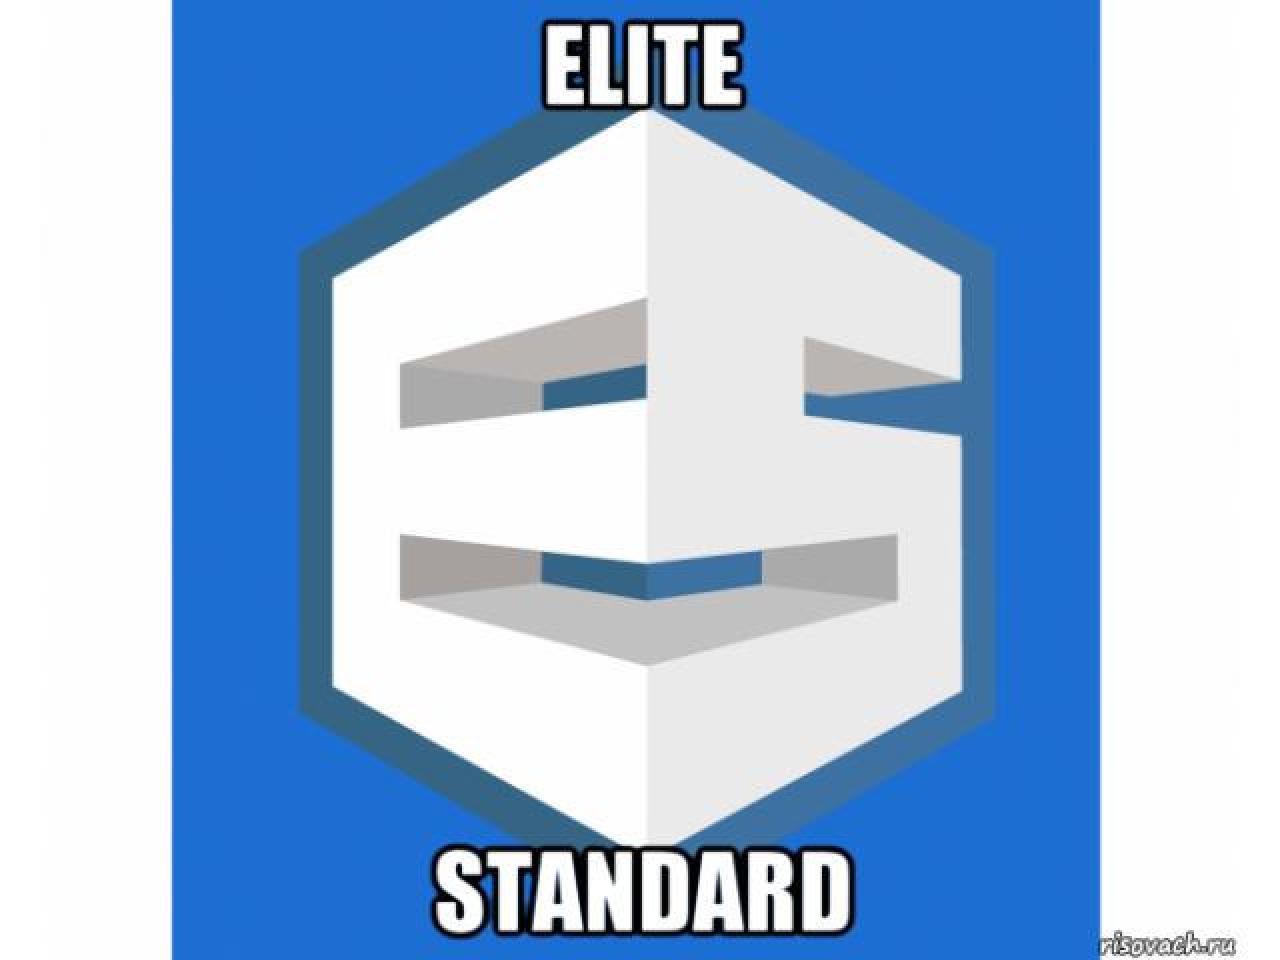 """Компания """"ELITE STANDARD LTD"""" профессионально выполнит весь спектр ремонтно-строительных работ. - 1"""